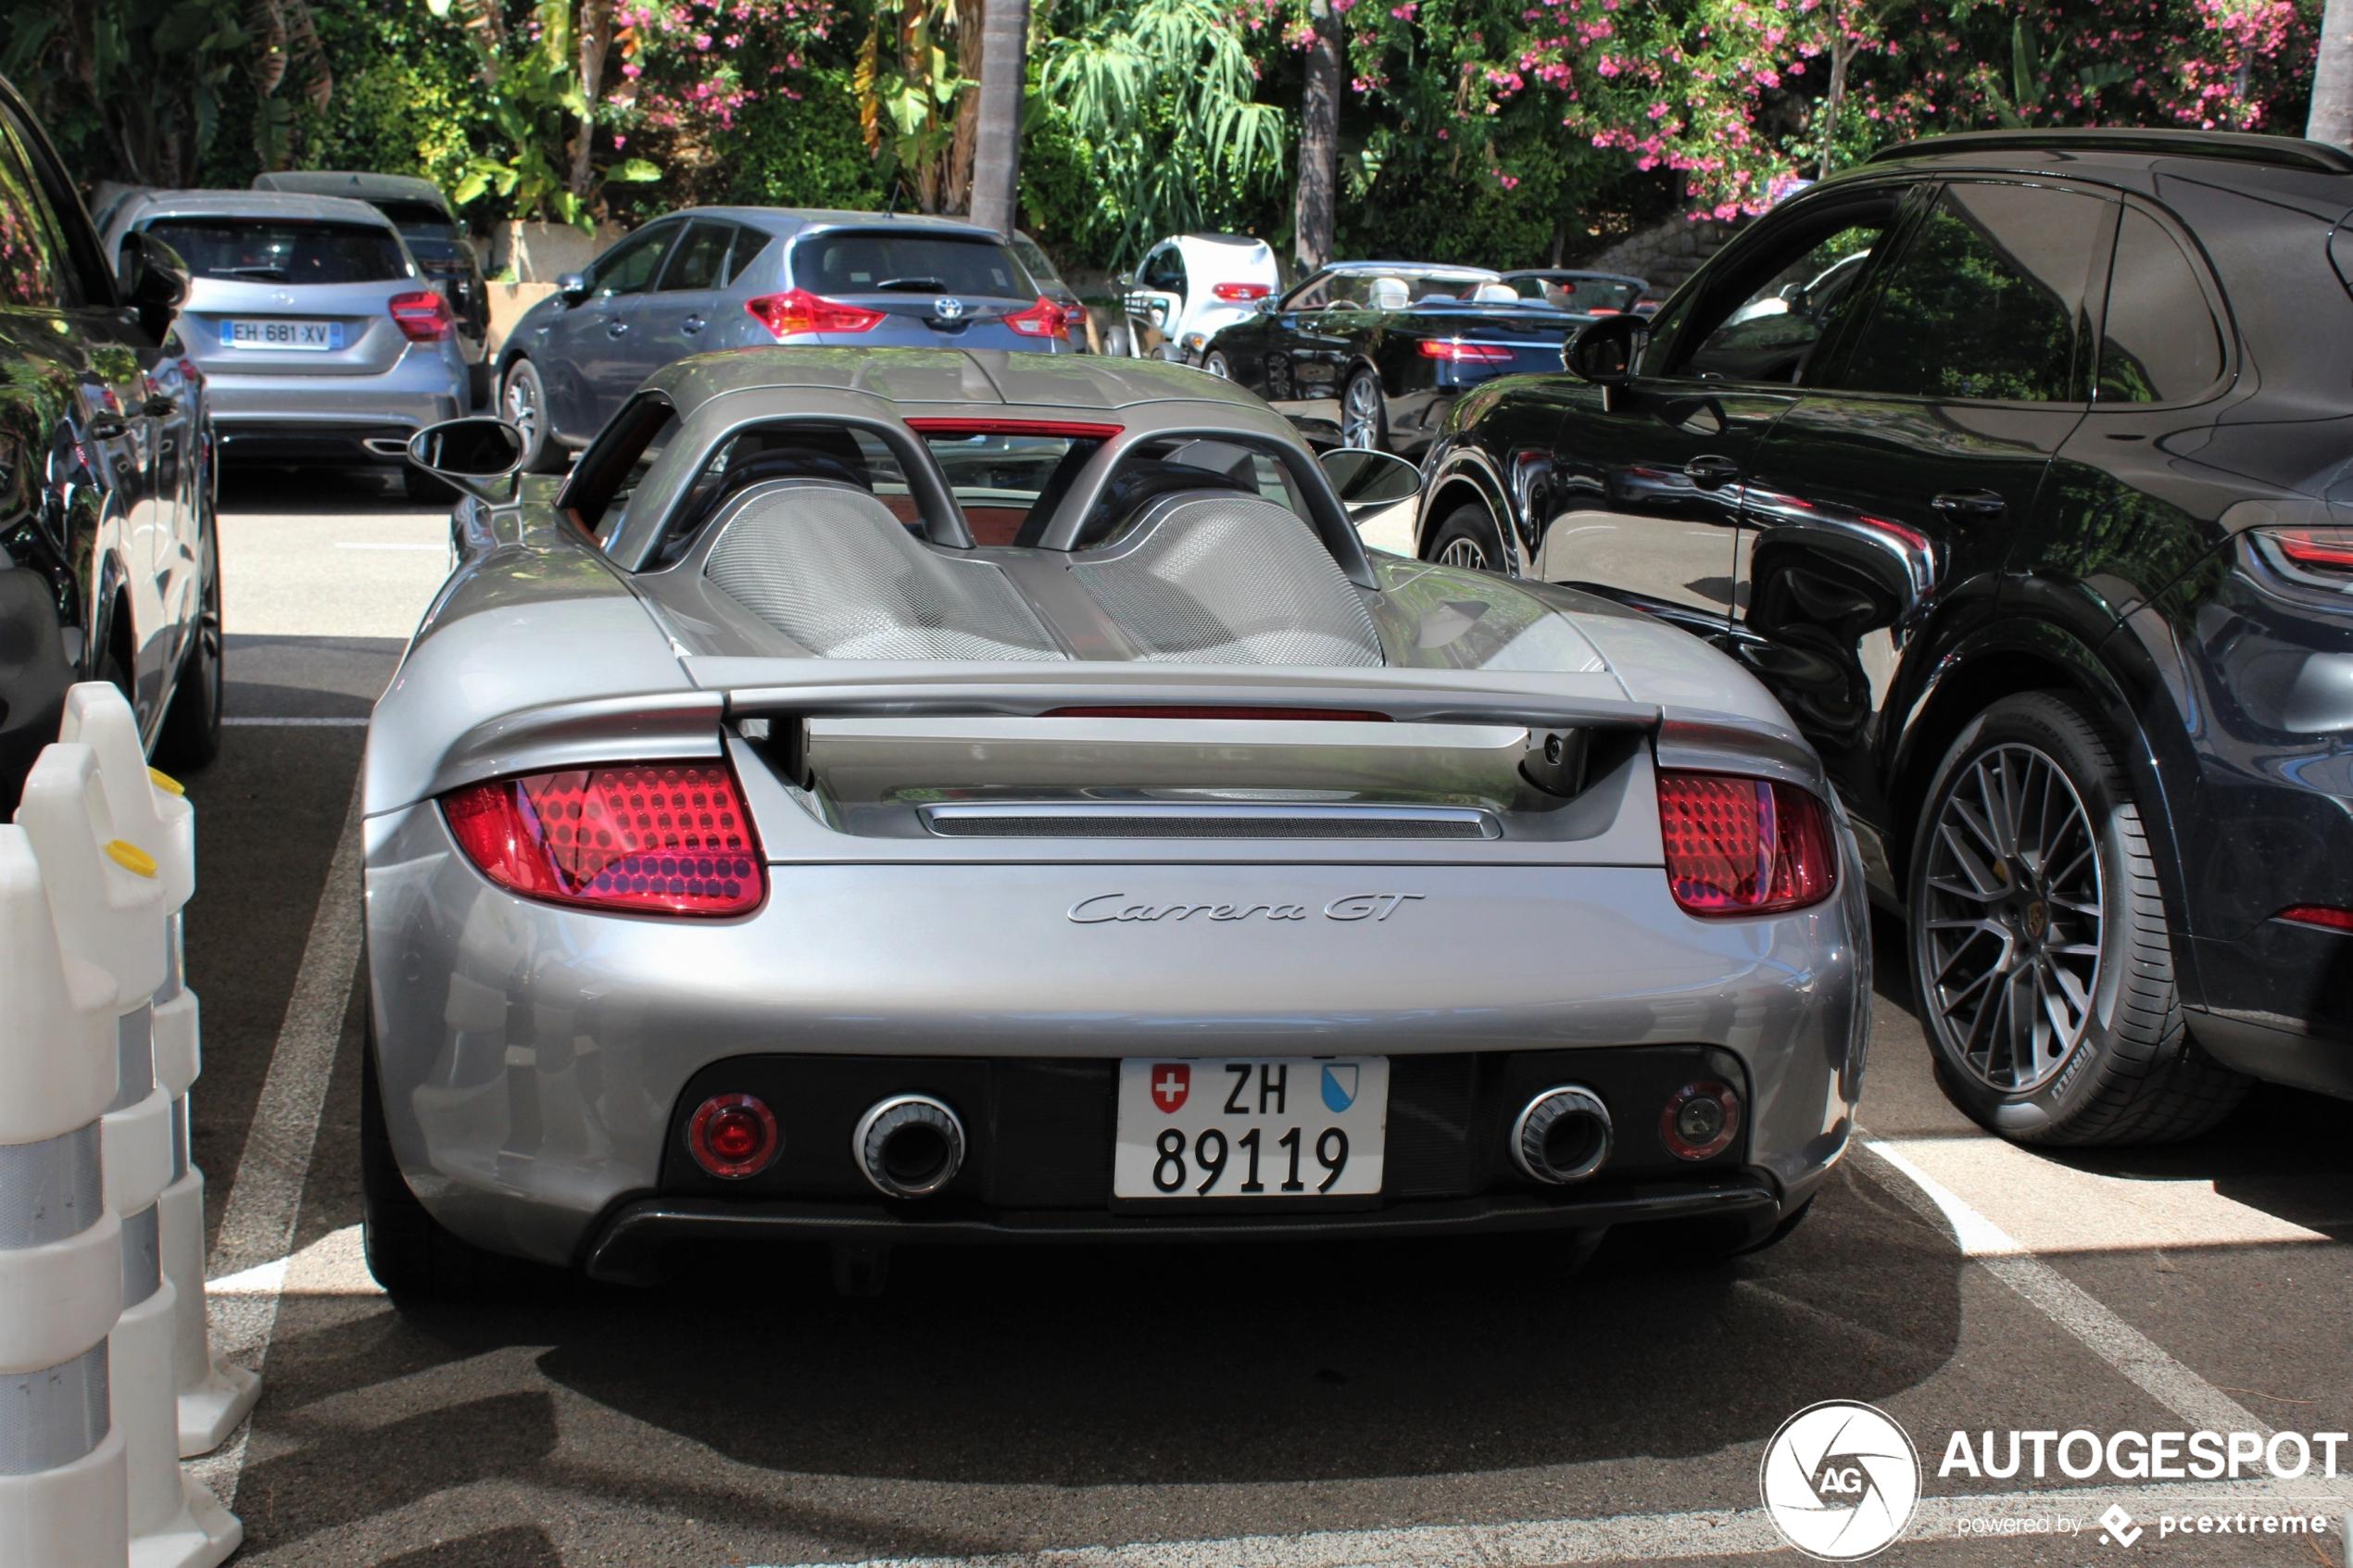 Deze Porsche Carrera GT reist lekker rond